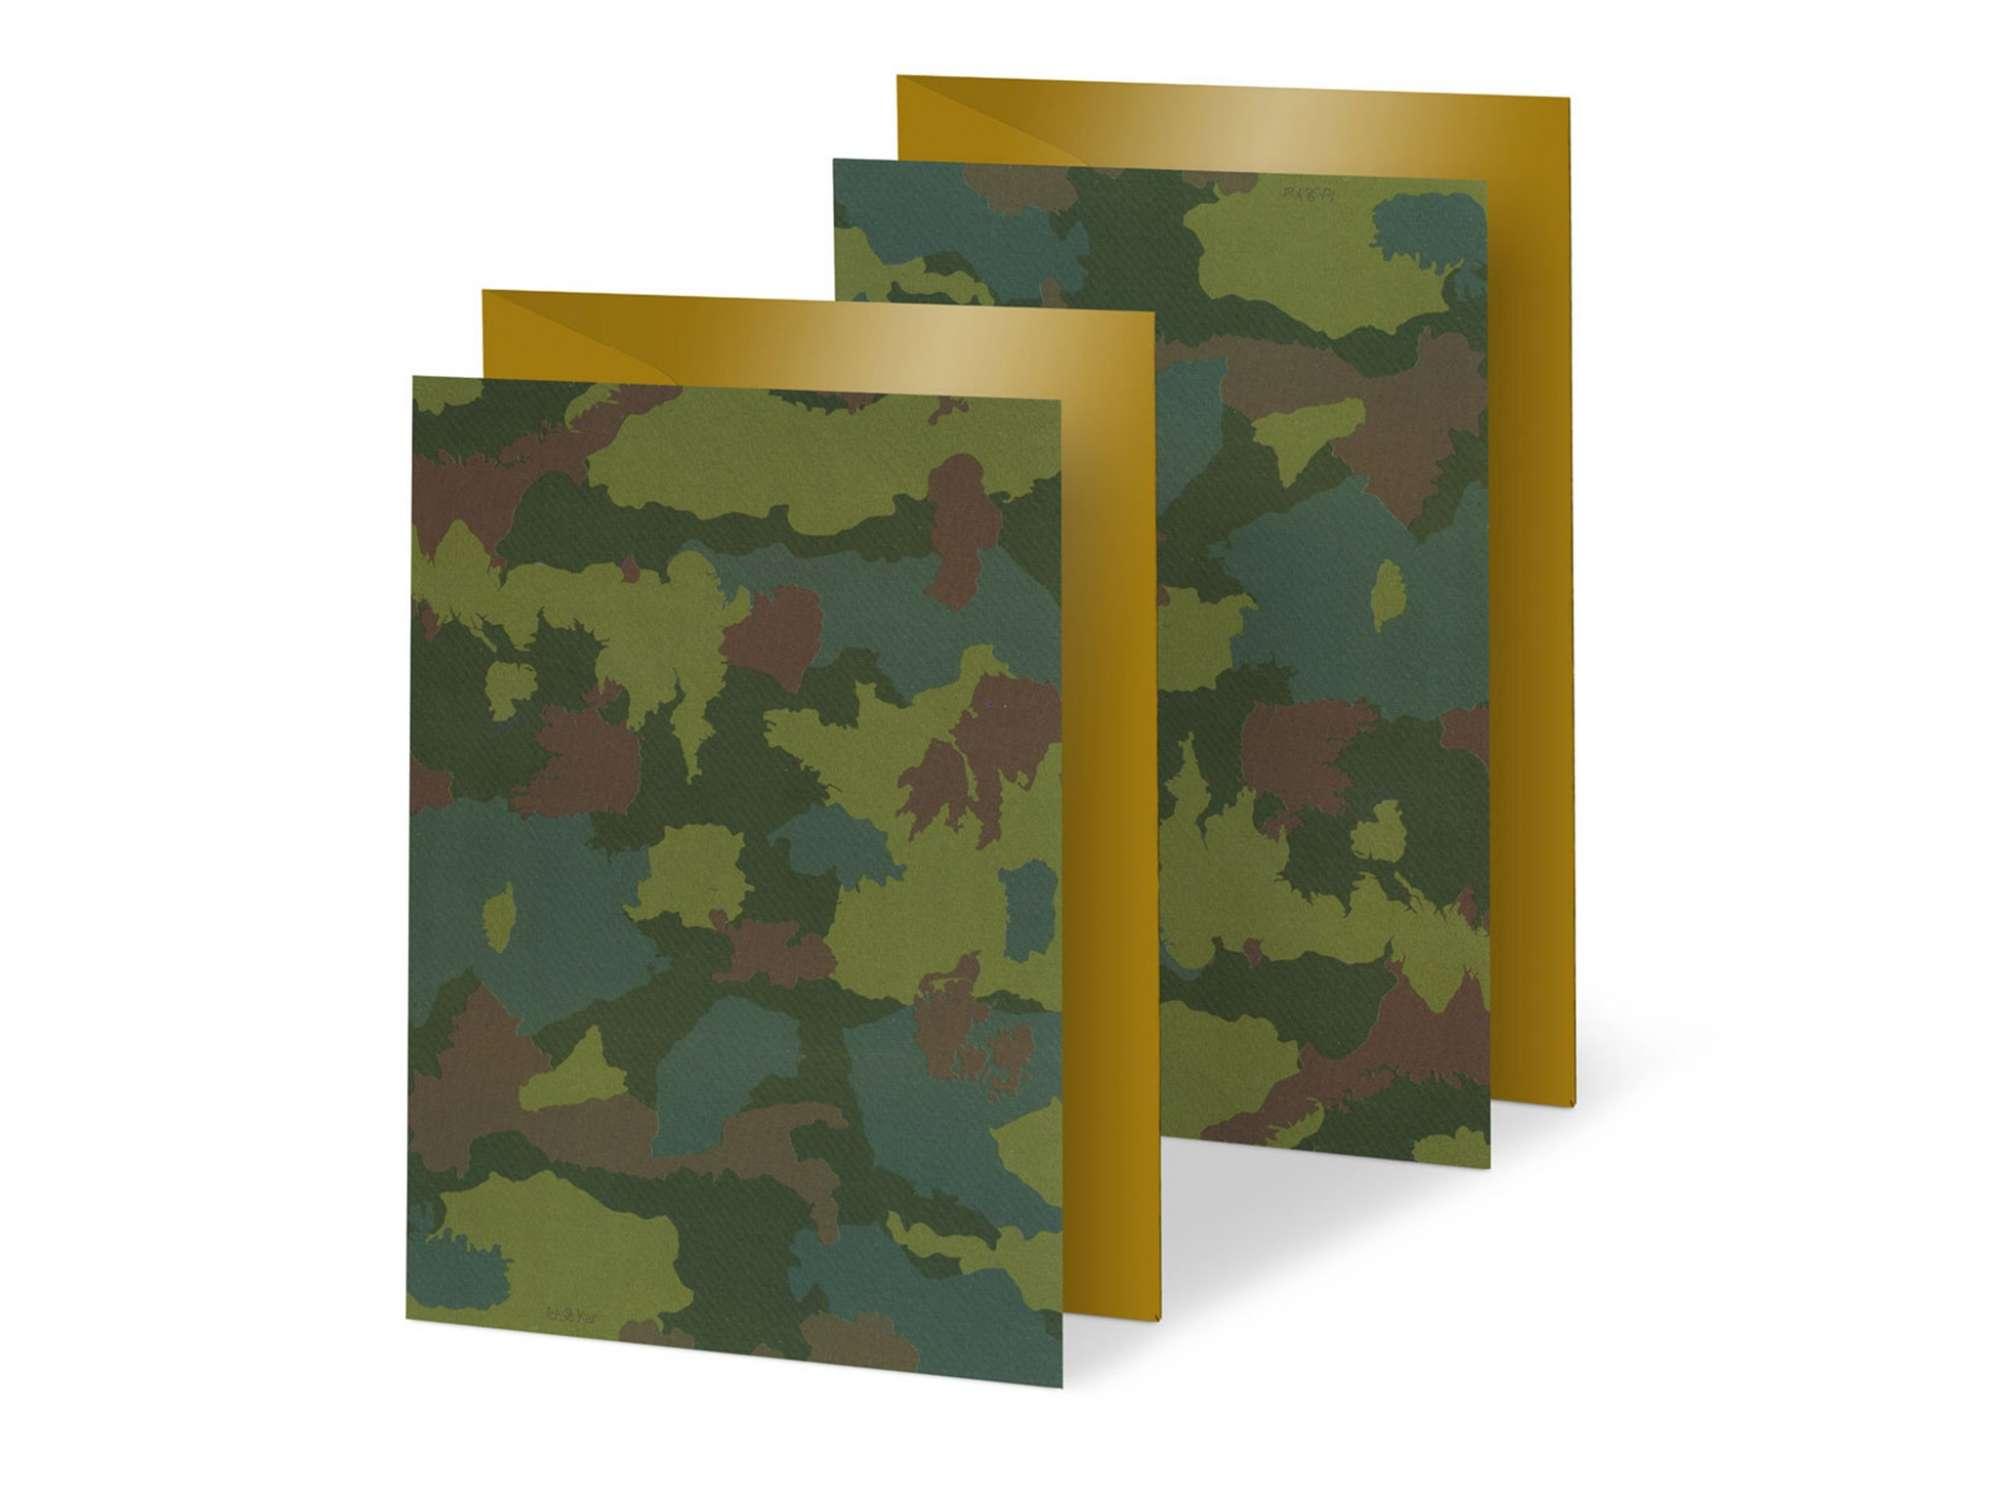 duo de cartes aux motifs camouflages, formé des pays de l'Europe  ... une carte a offrir aux guerriers pro union ou pas !